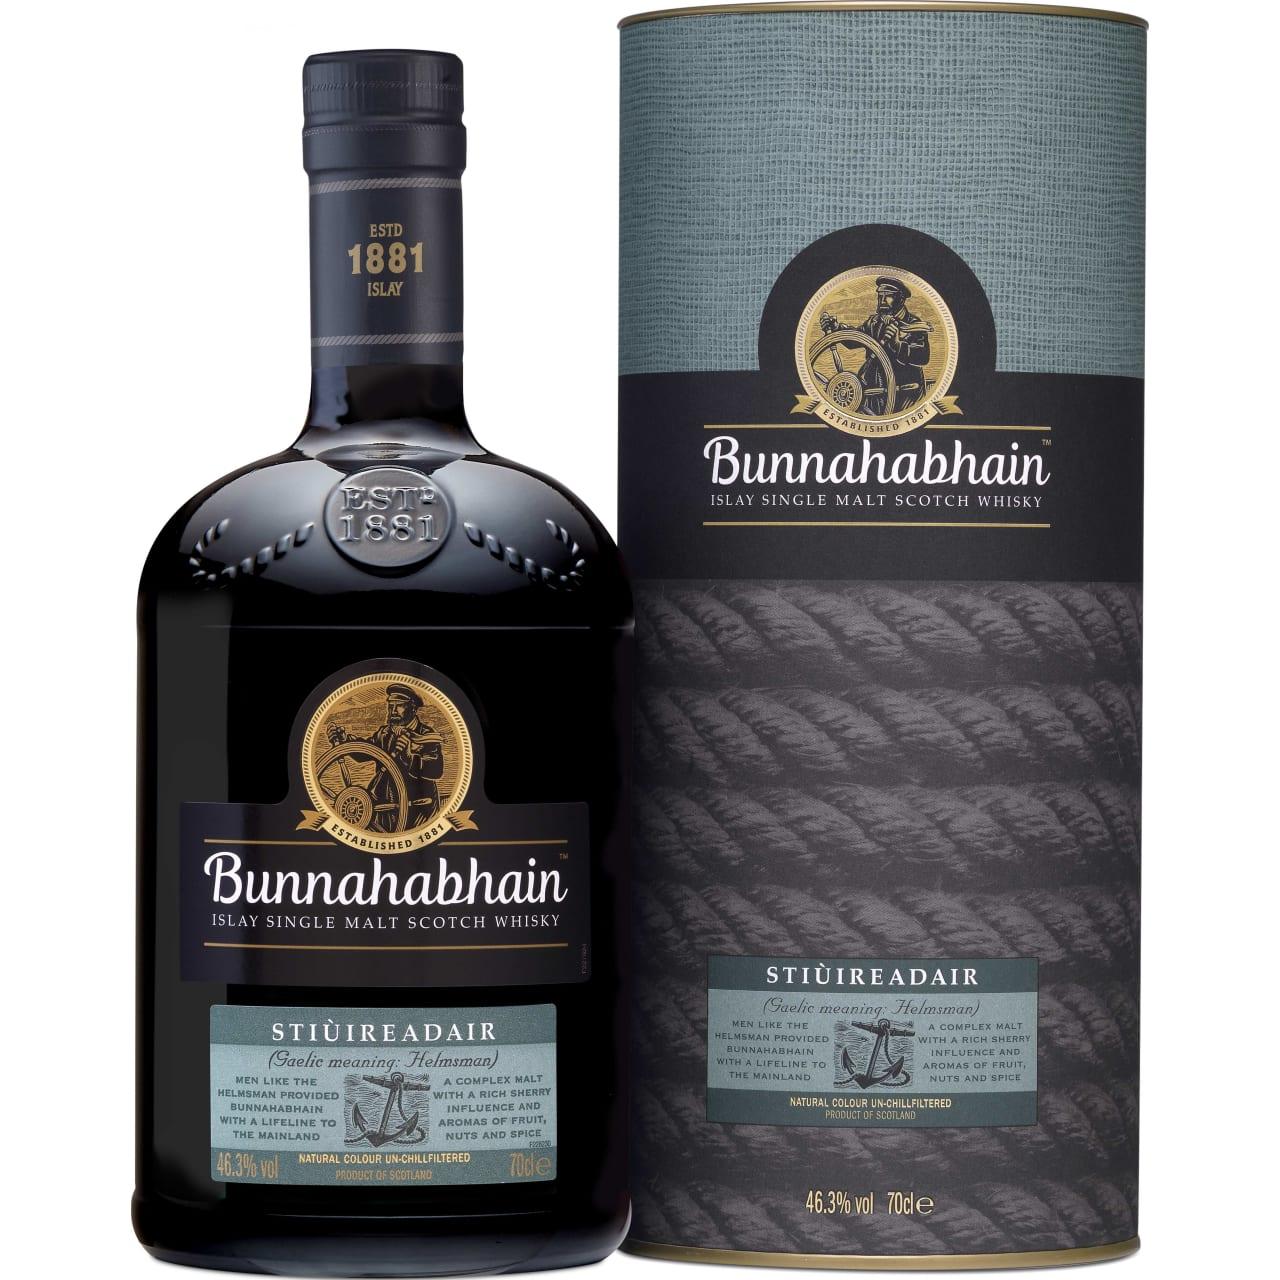 Product Image - Bunnahabhain Stiuireadair Whisky